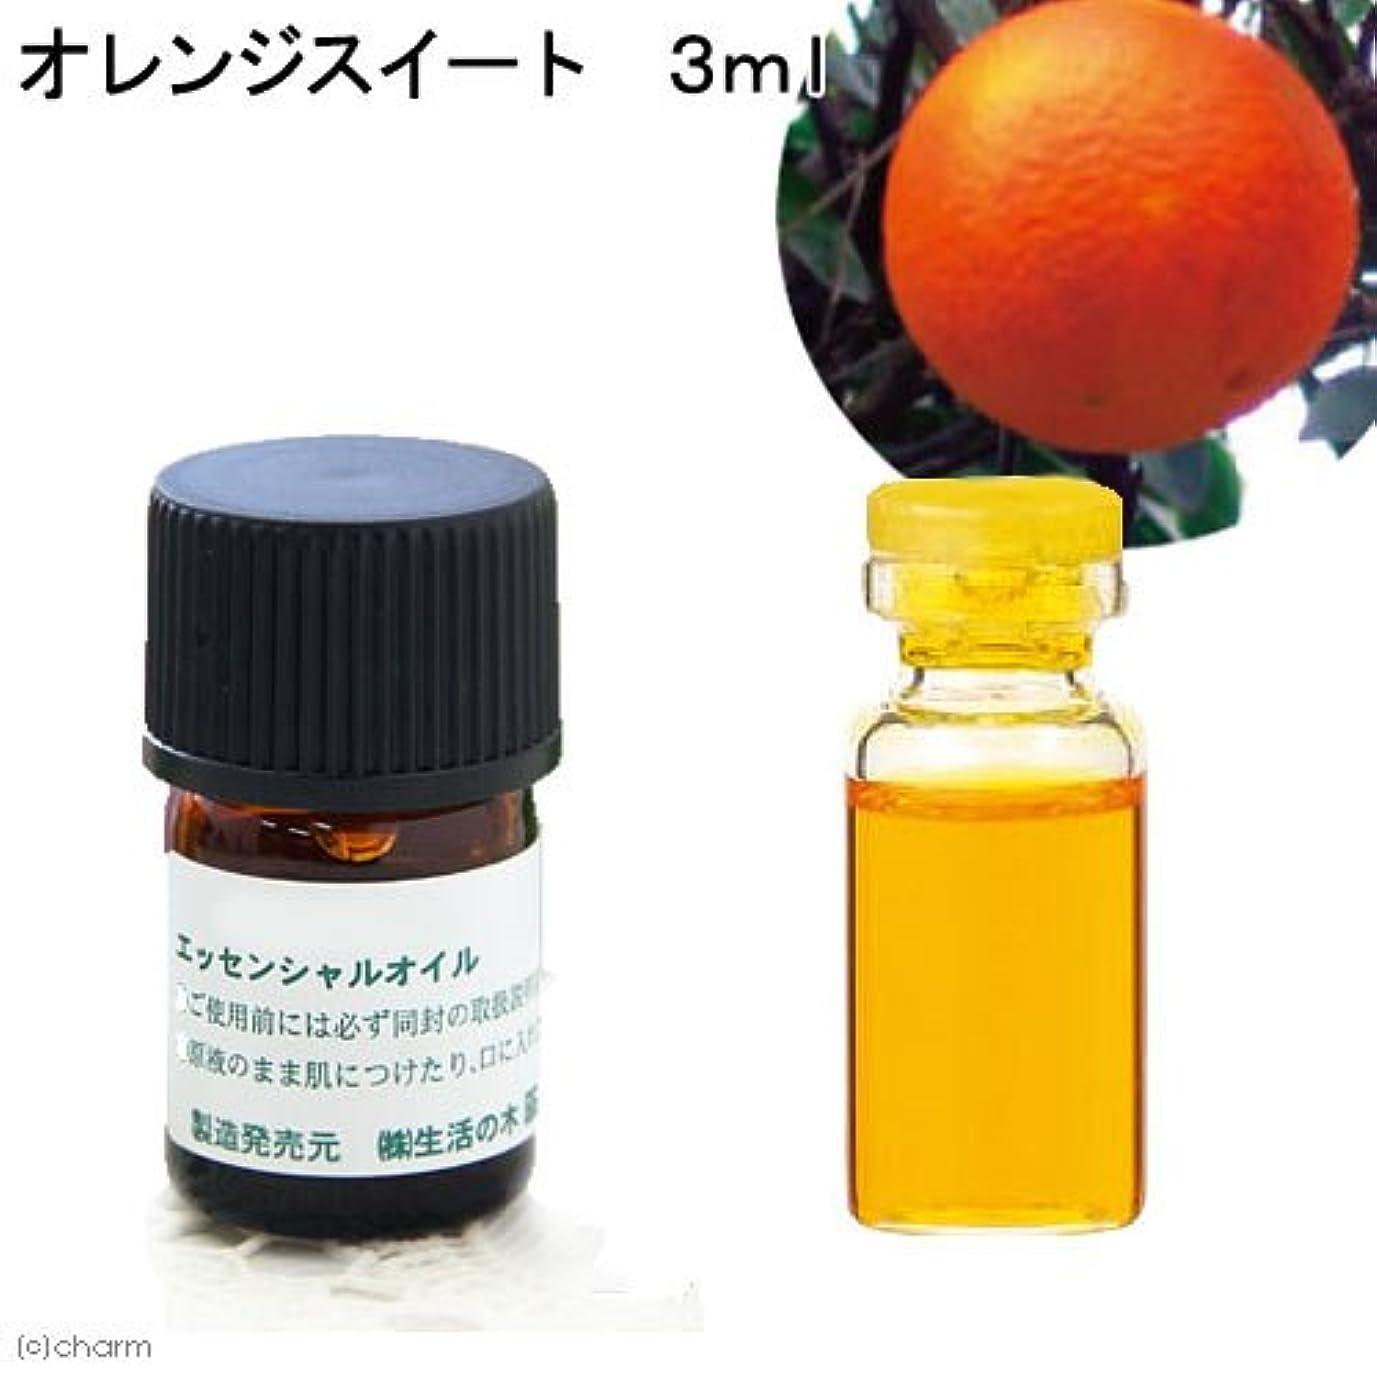 施設起きて振り返る生活の木 オレンジスイート 3ml